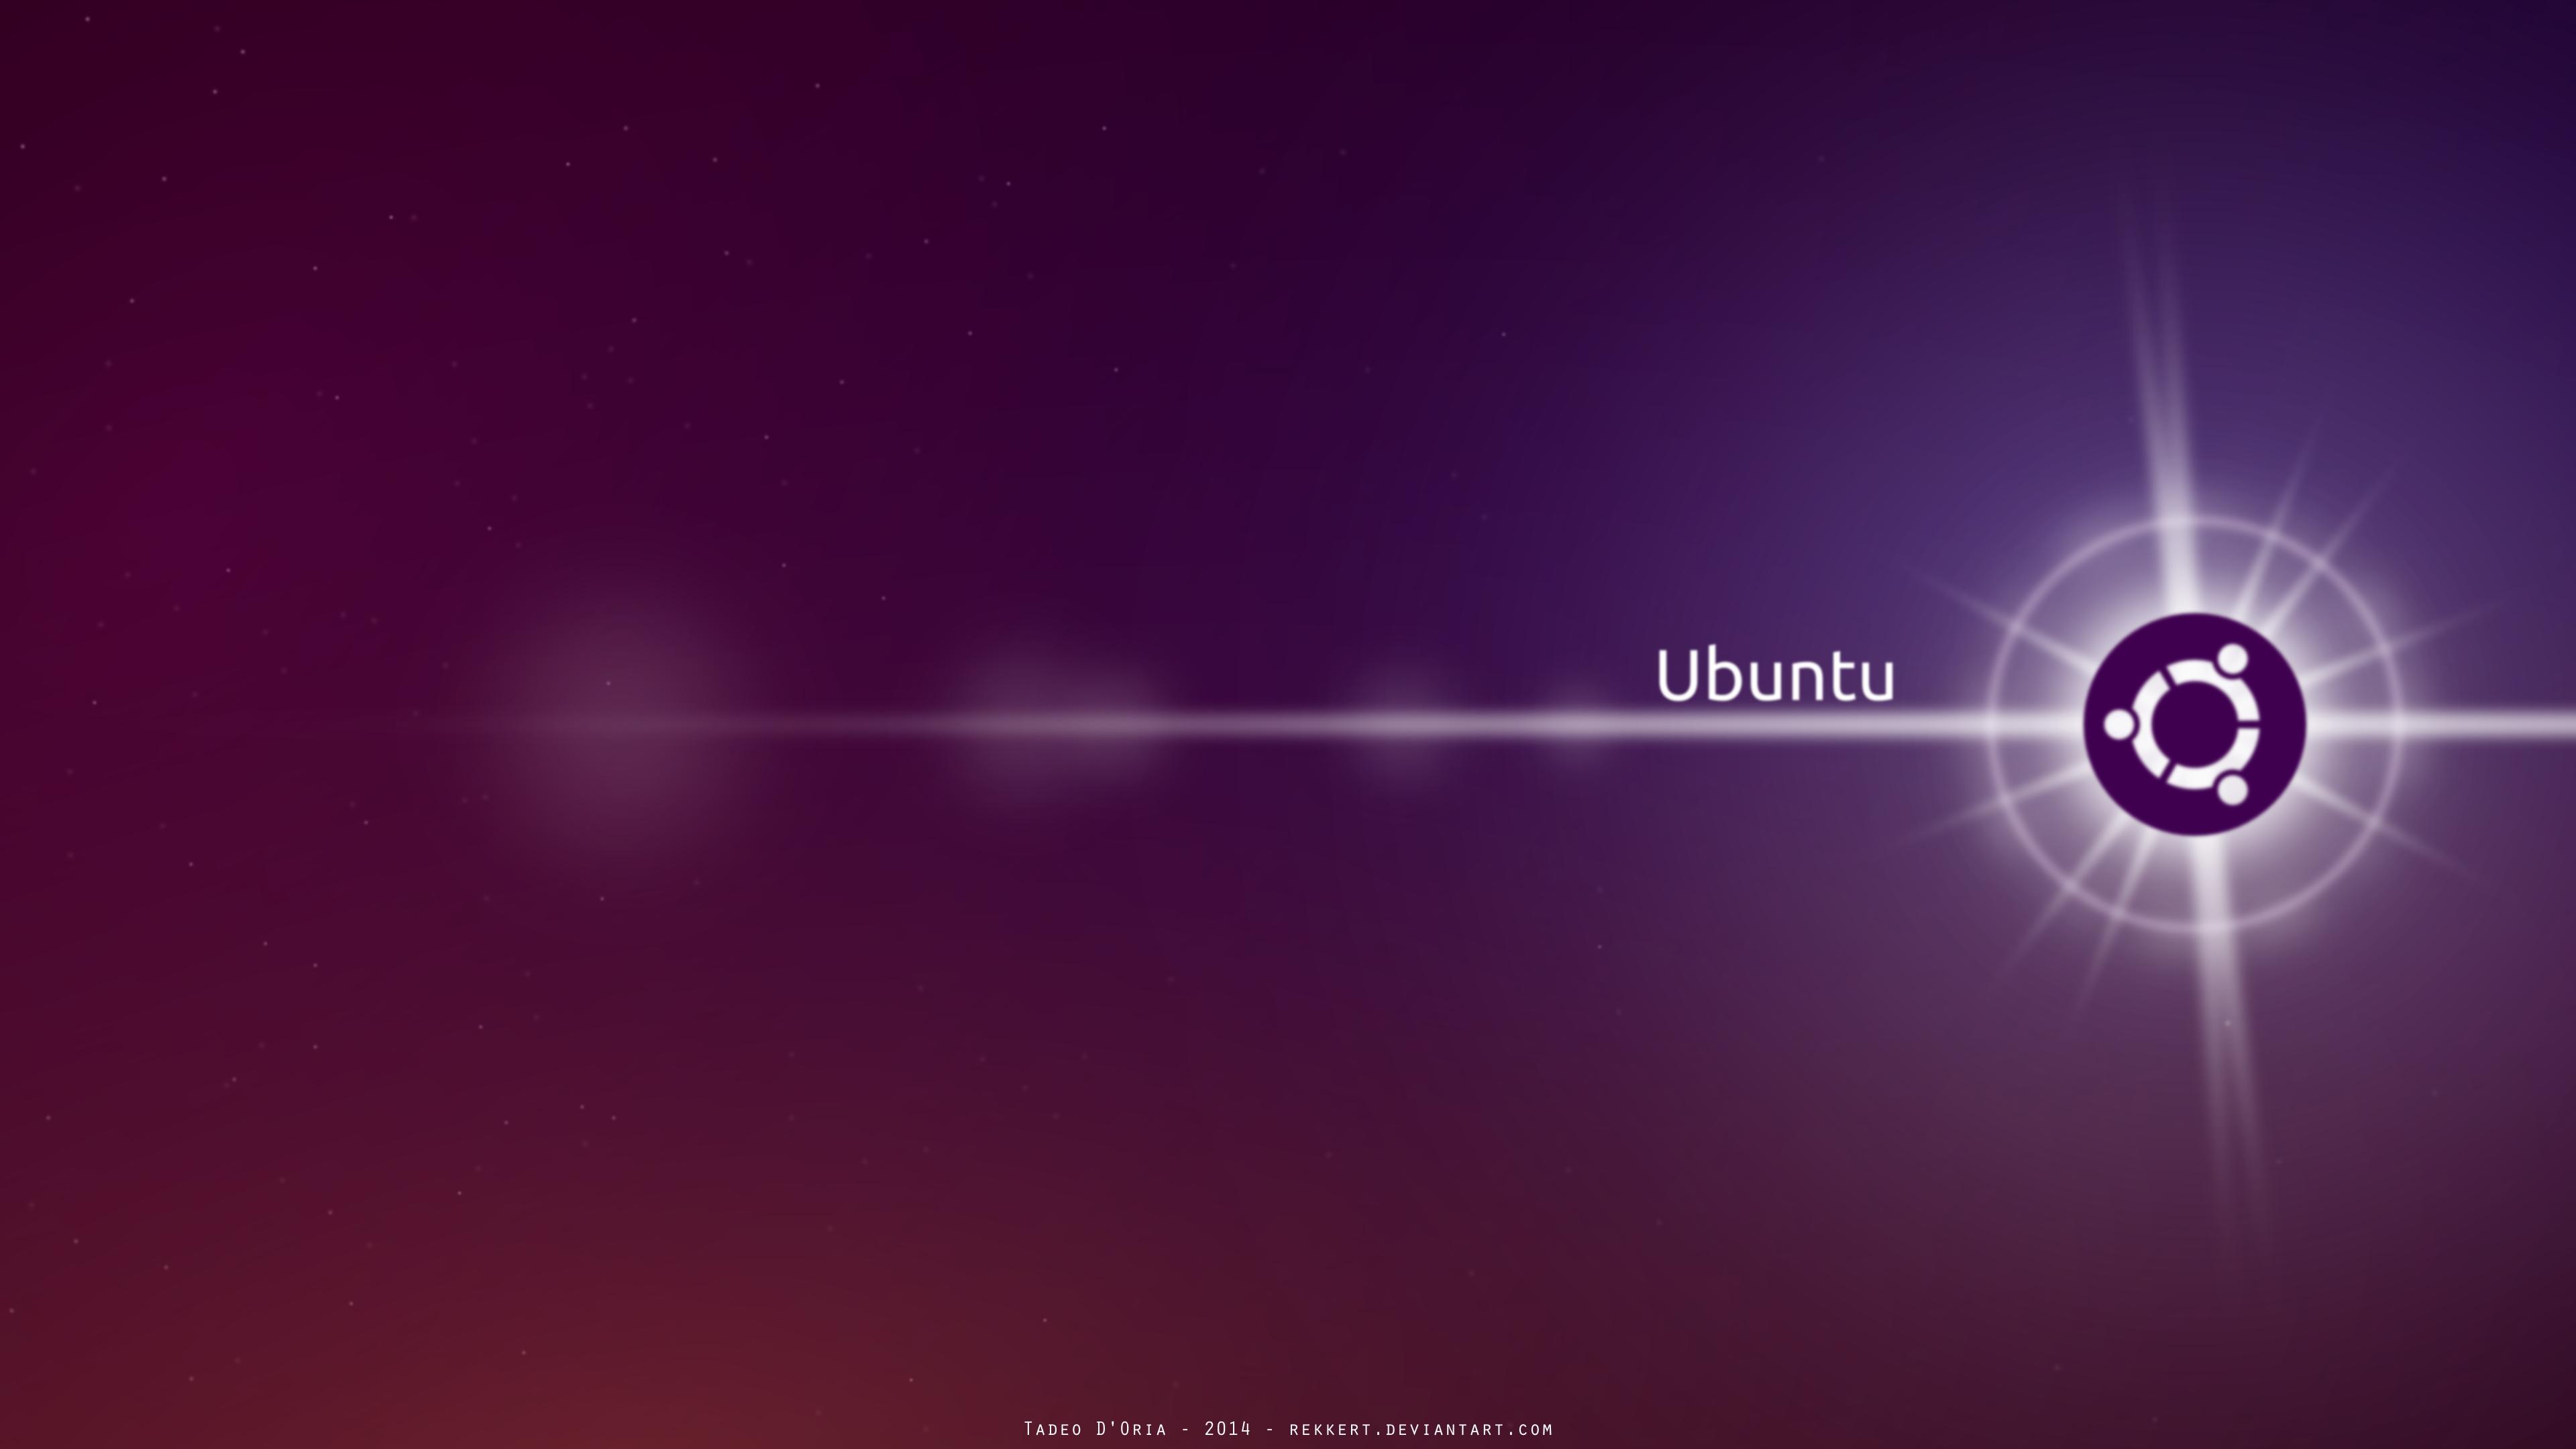 Wallpapers Ubuntu Linux Wallpapers: Ubuntu Wallpaper By Rekkert On DeviantArt